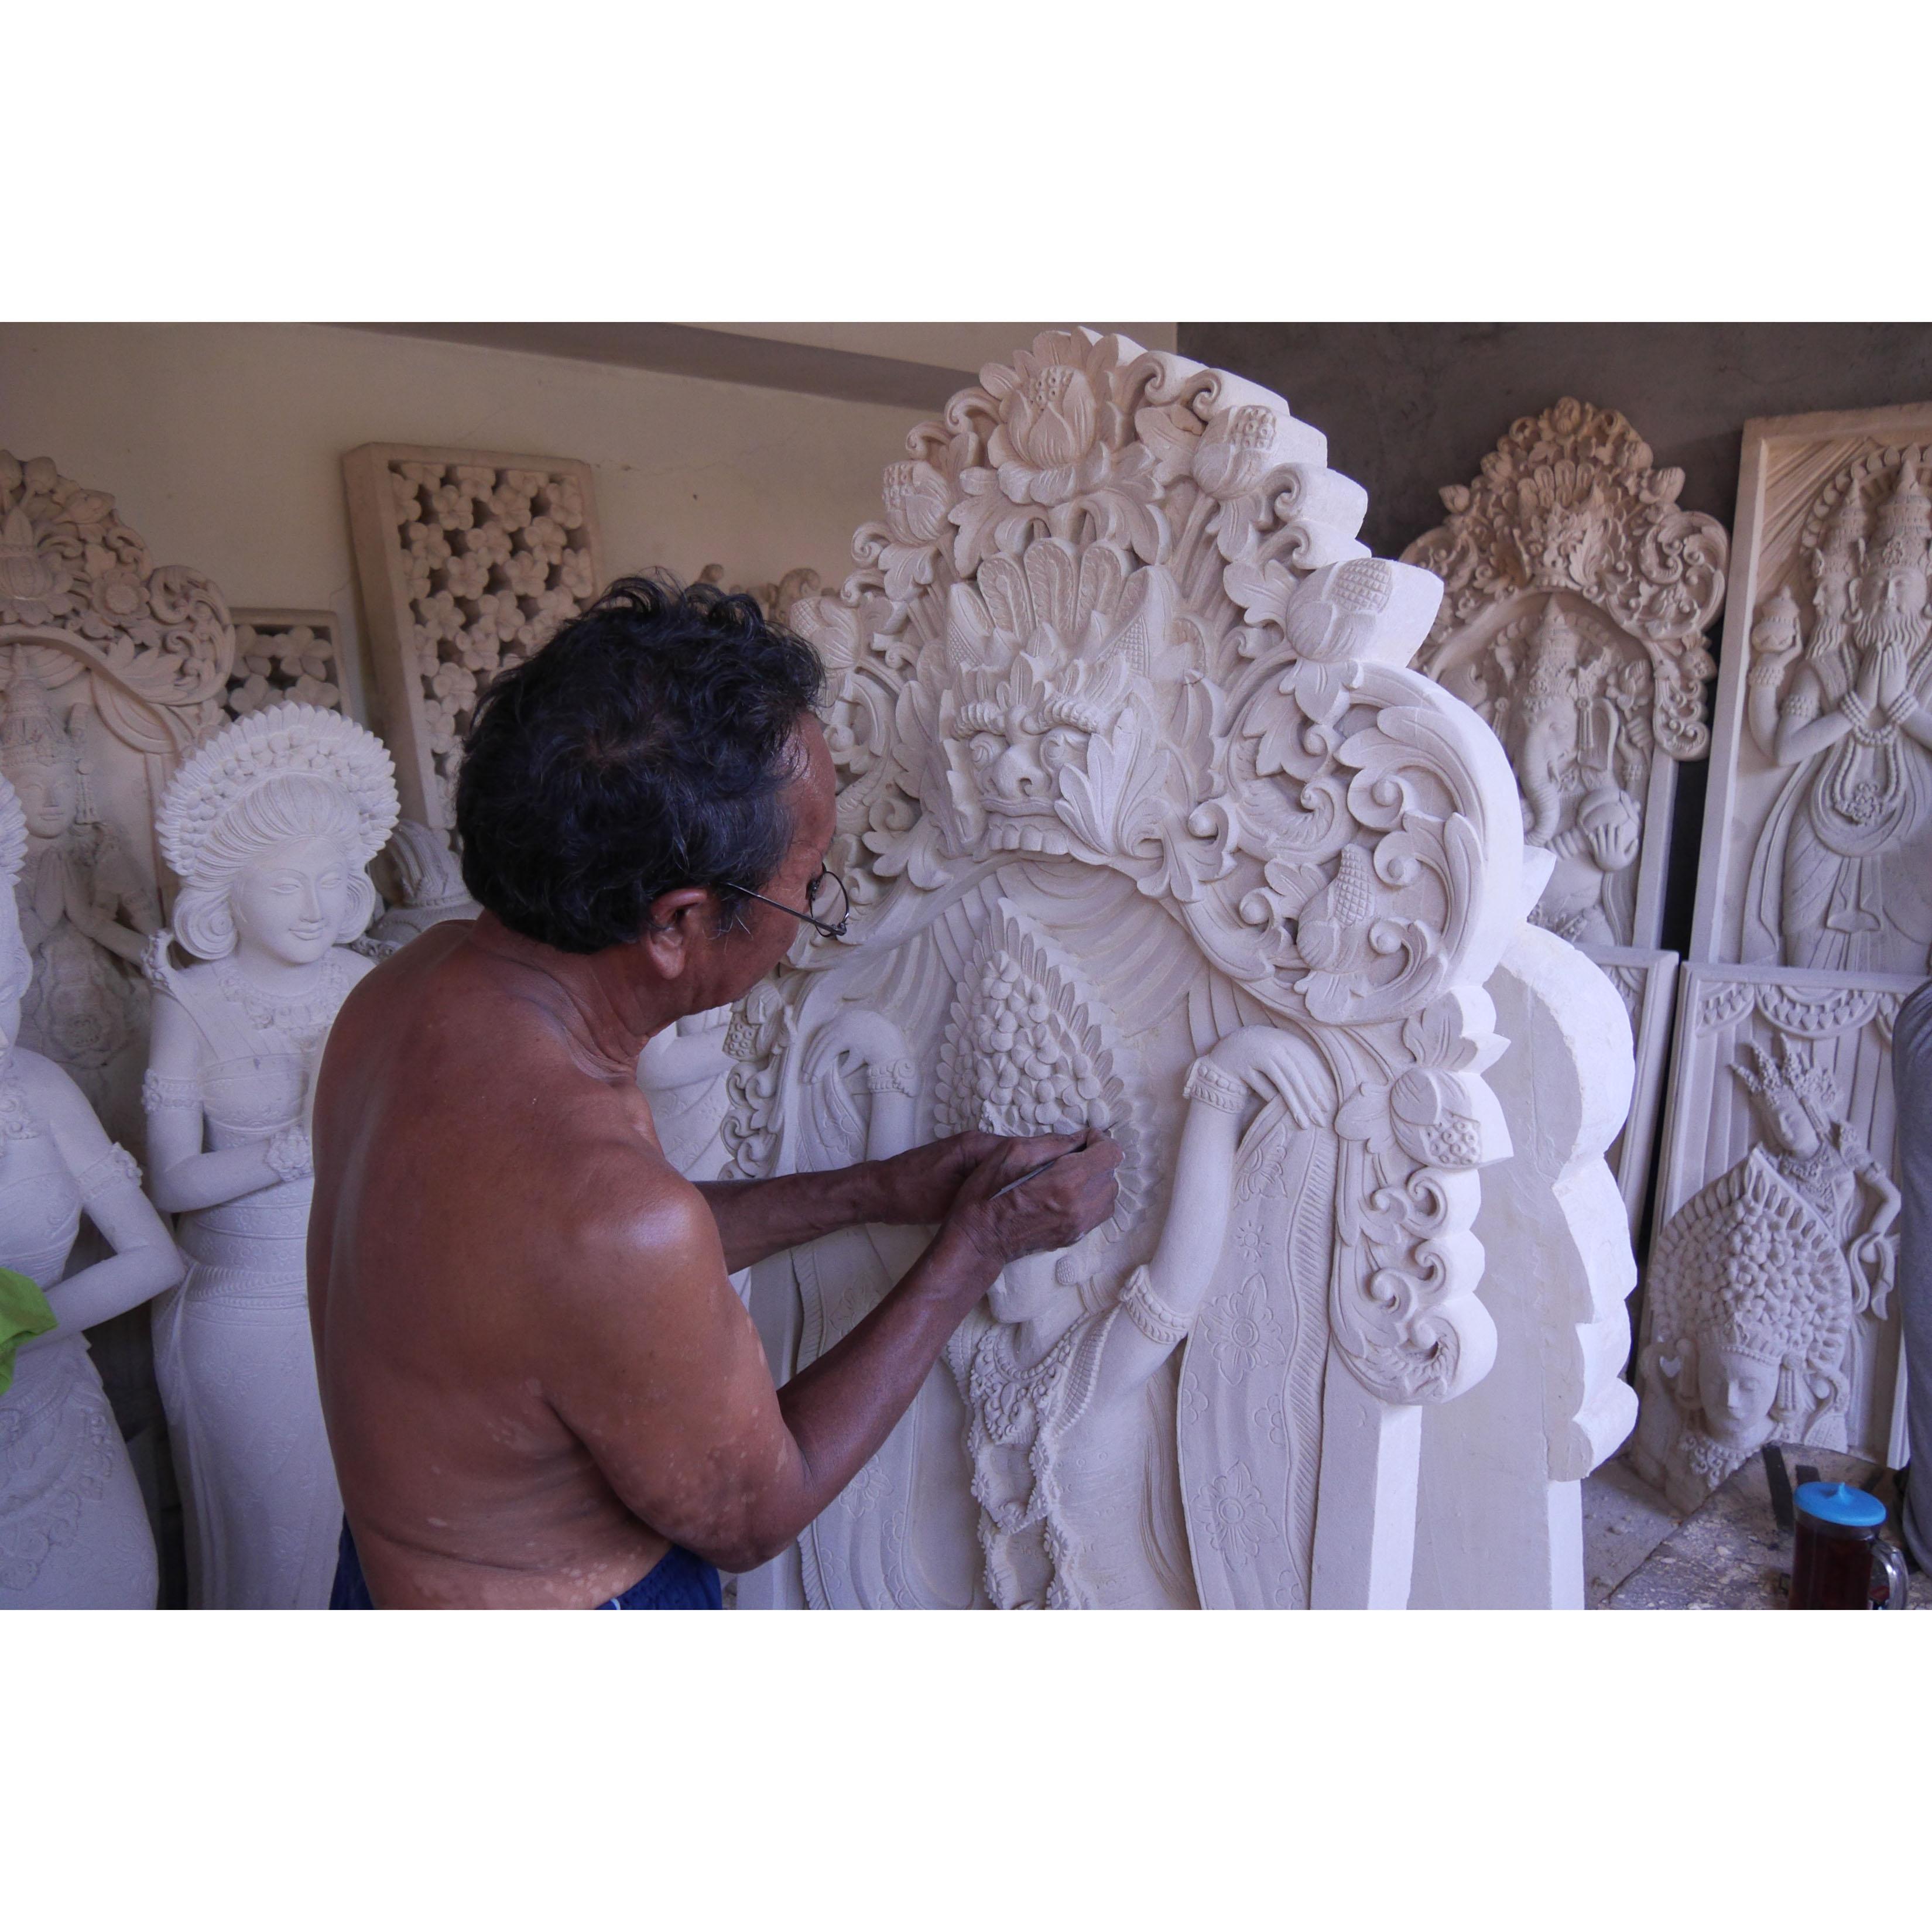 Bali-FebBuddhas141FBFormat